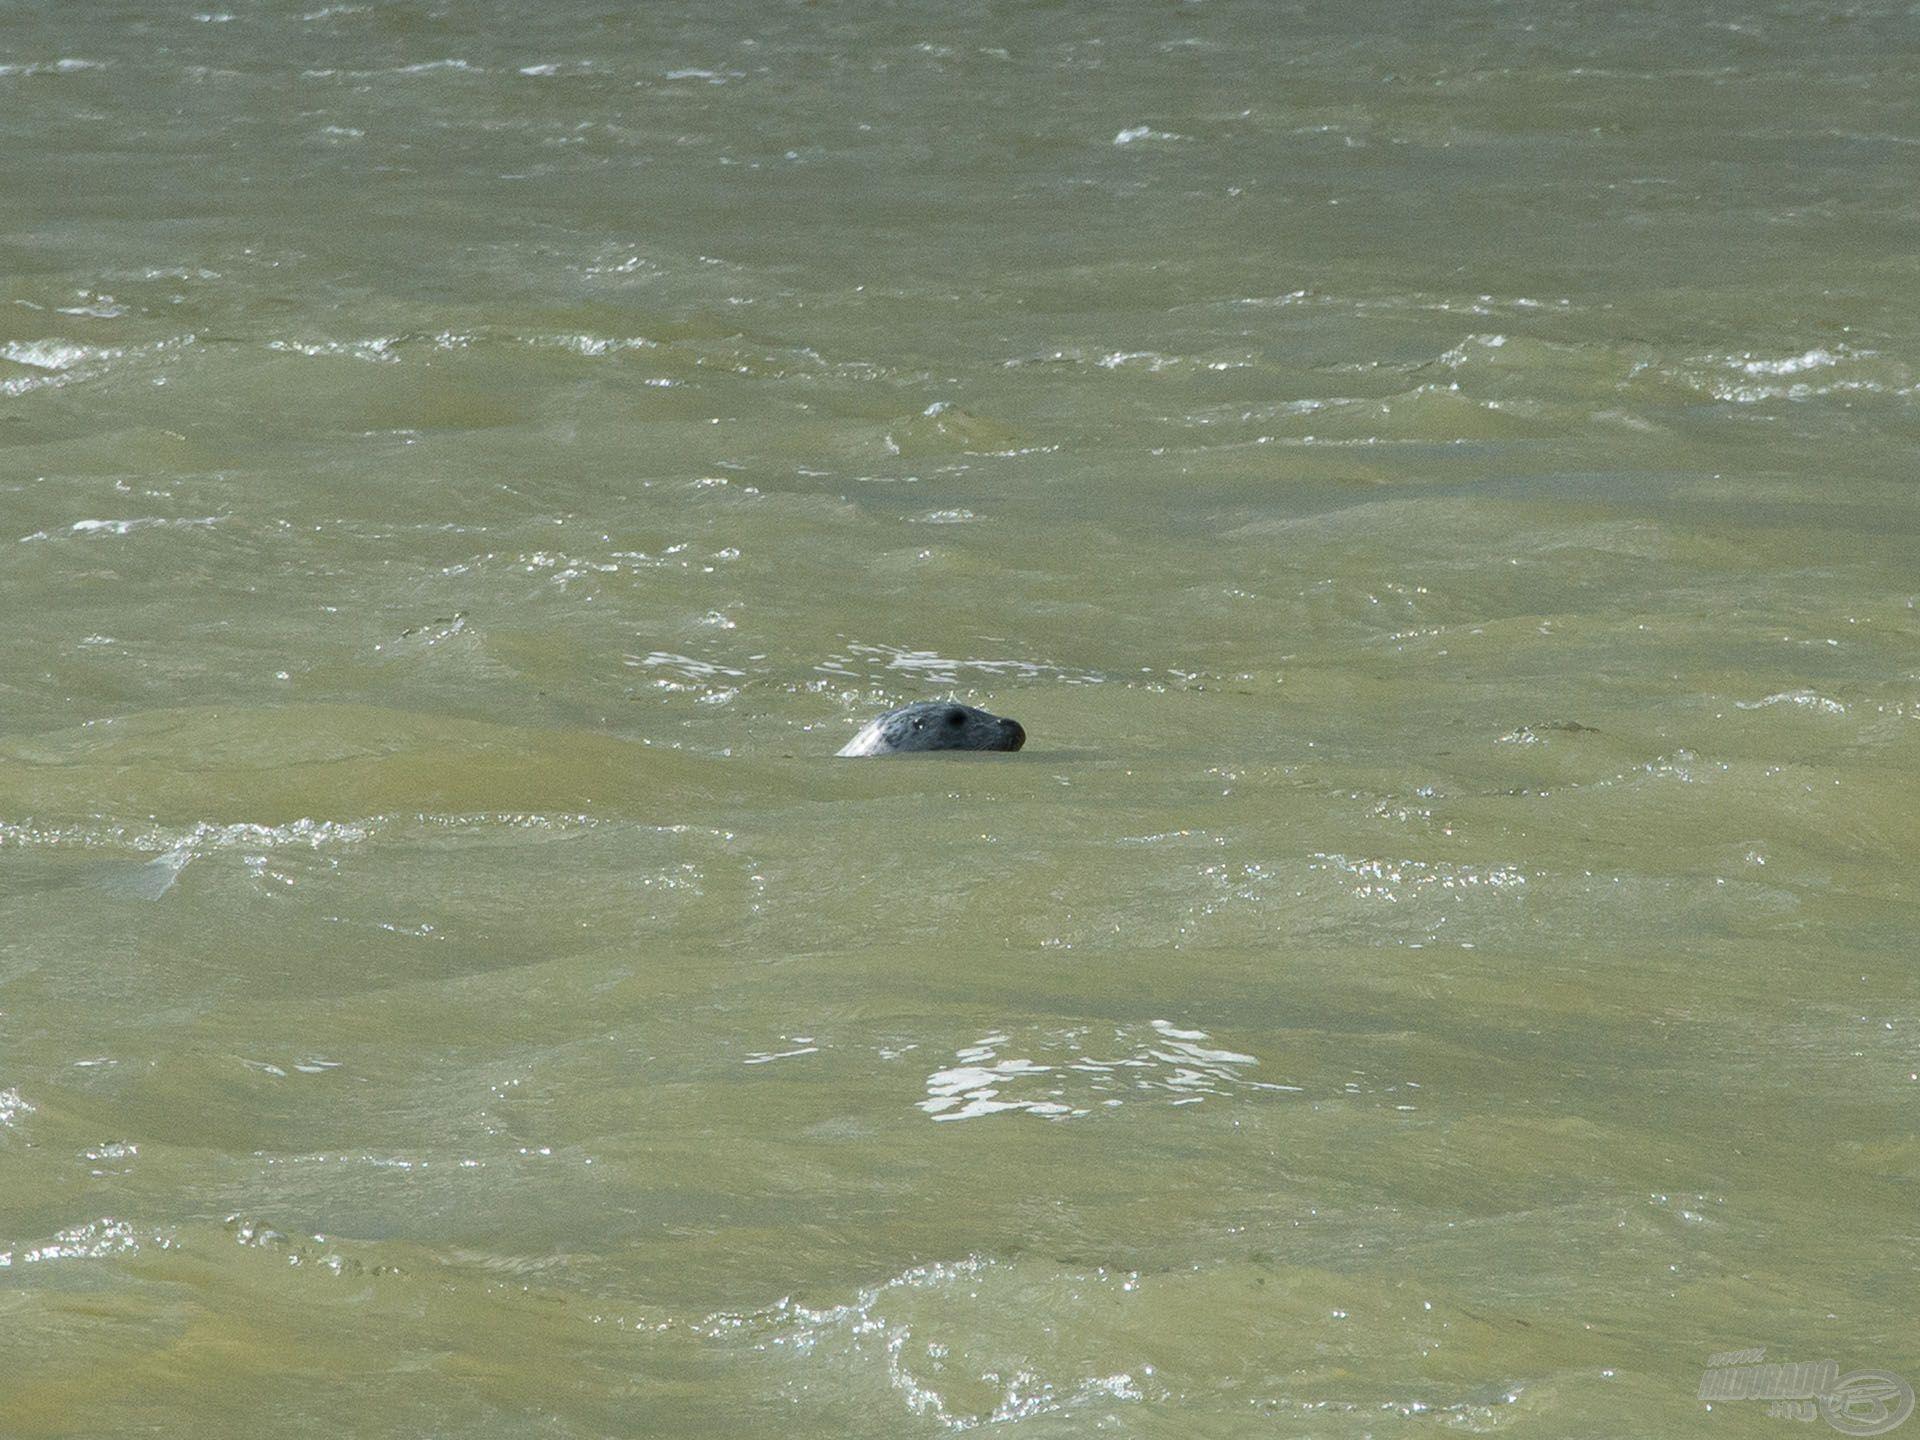 Magyar szemnek meglepő vendég a vízfelszínen: egy fóka, az óceánból úszott fel idáig!